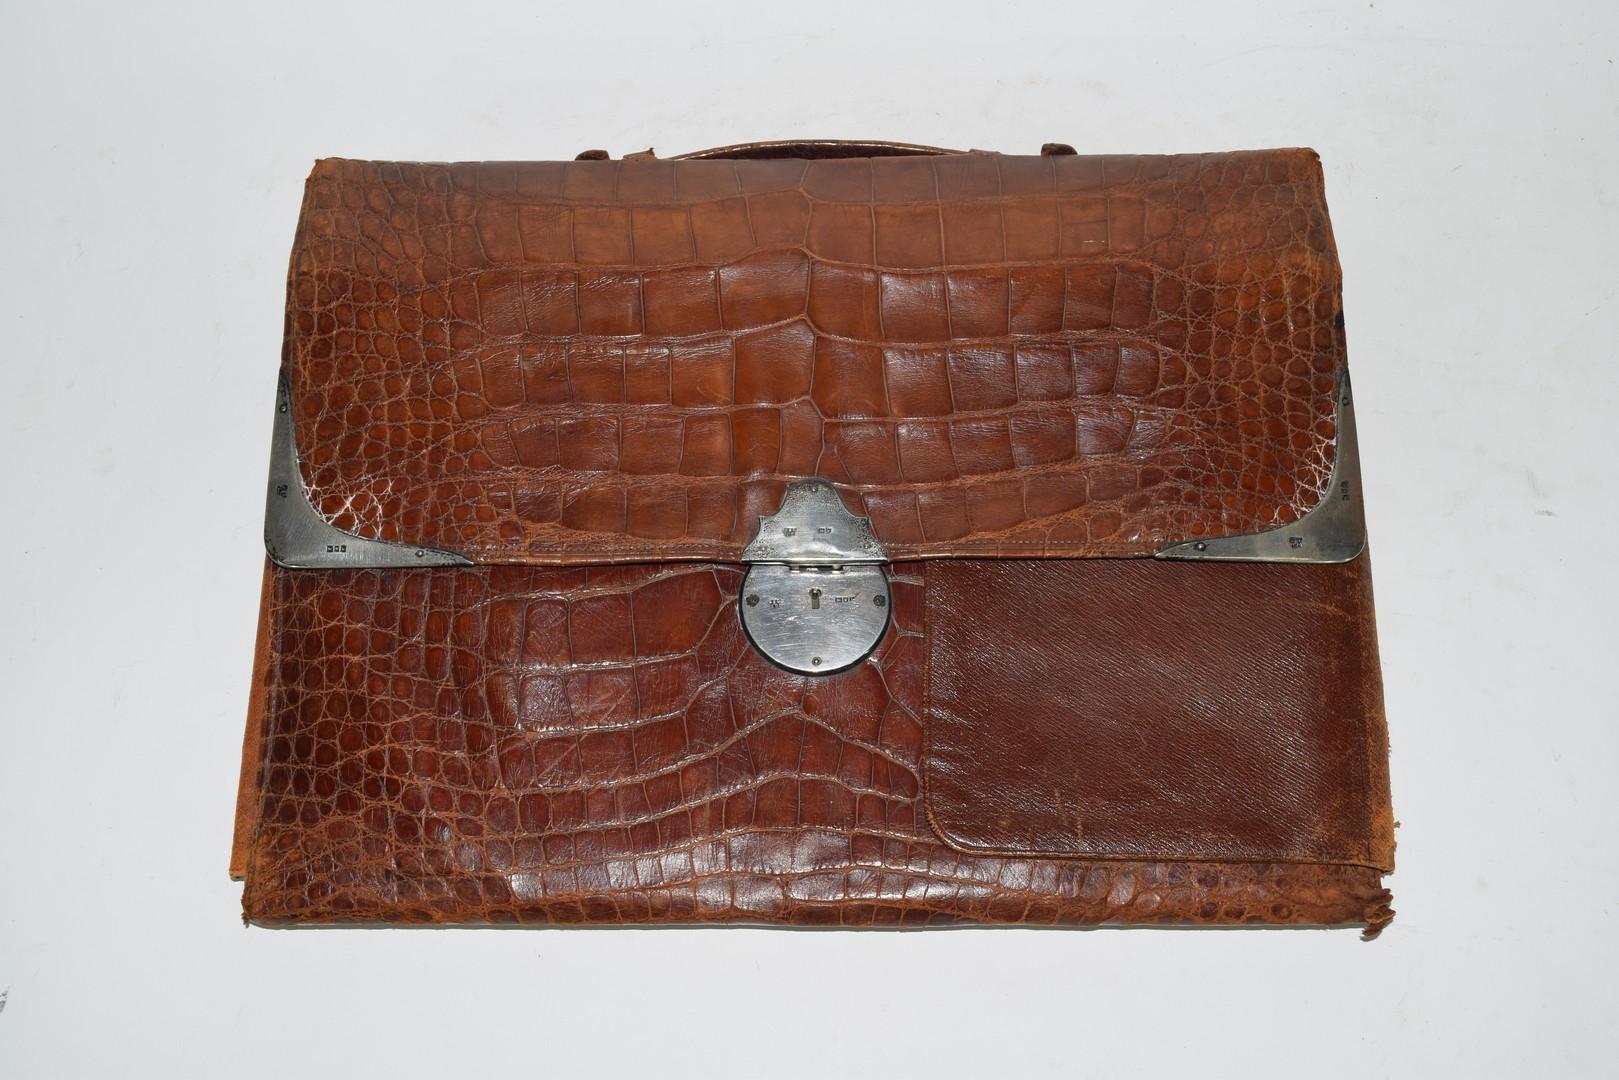 Crocodile skin attache case